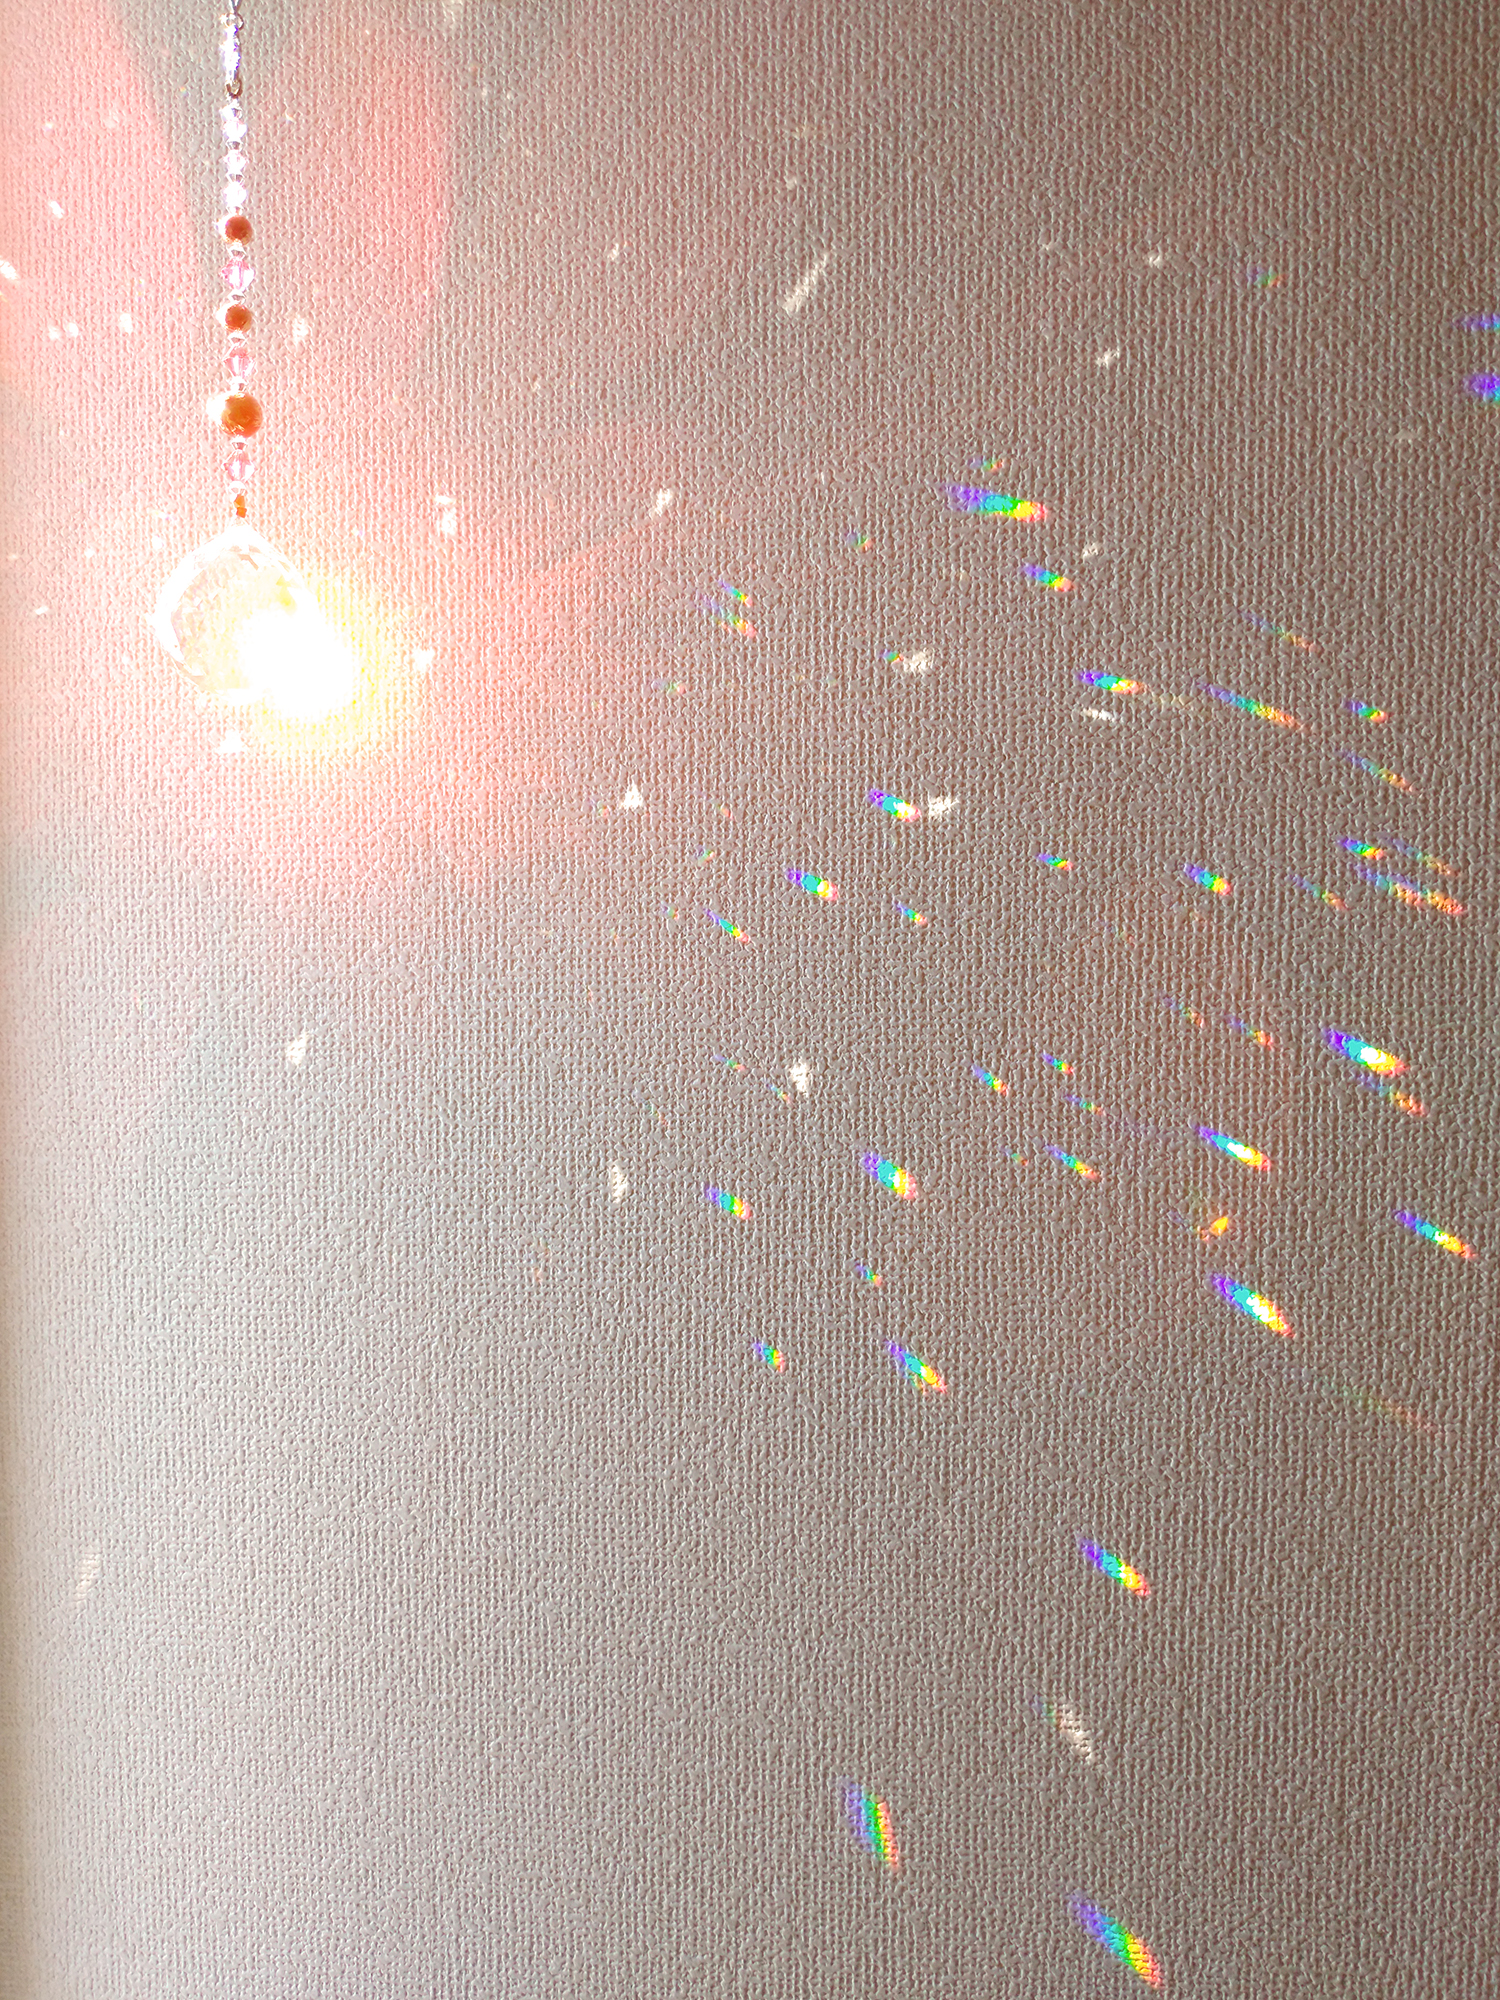 光を受けるサンキャッチャーと発生するプリズムの様子(2)